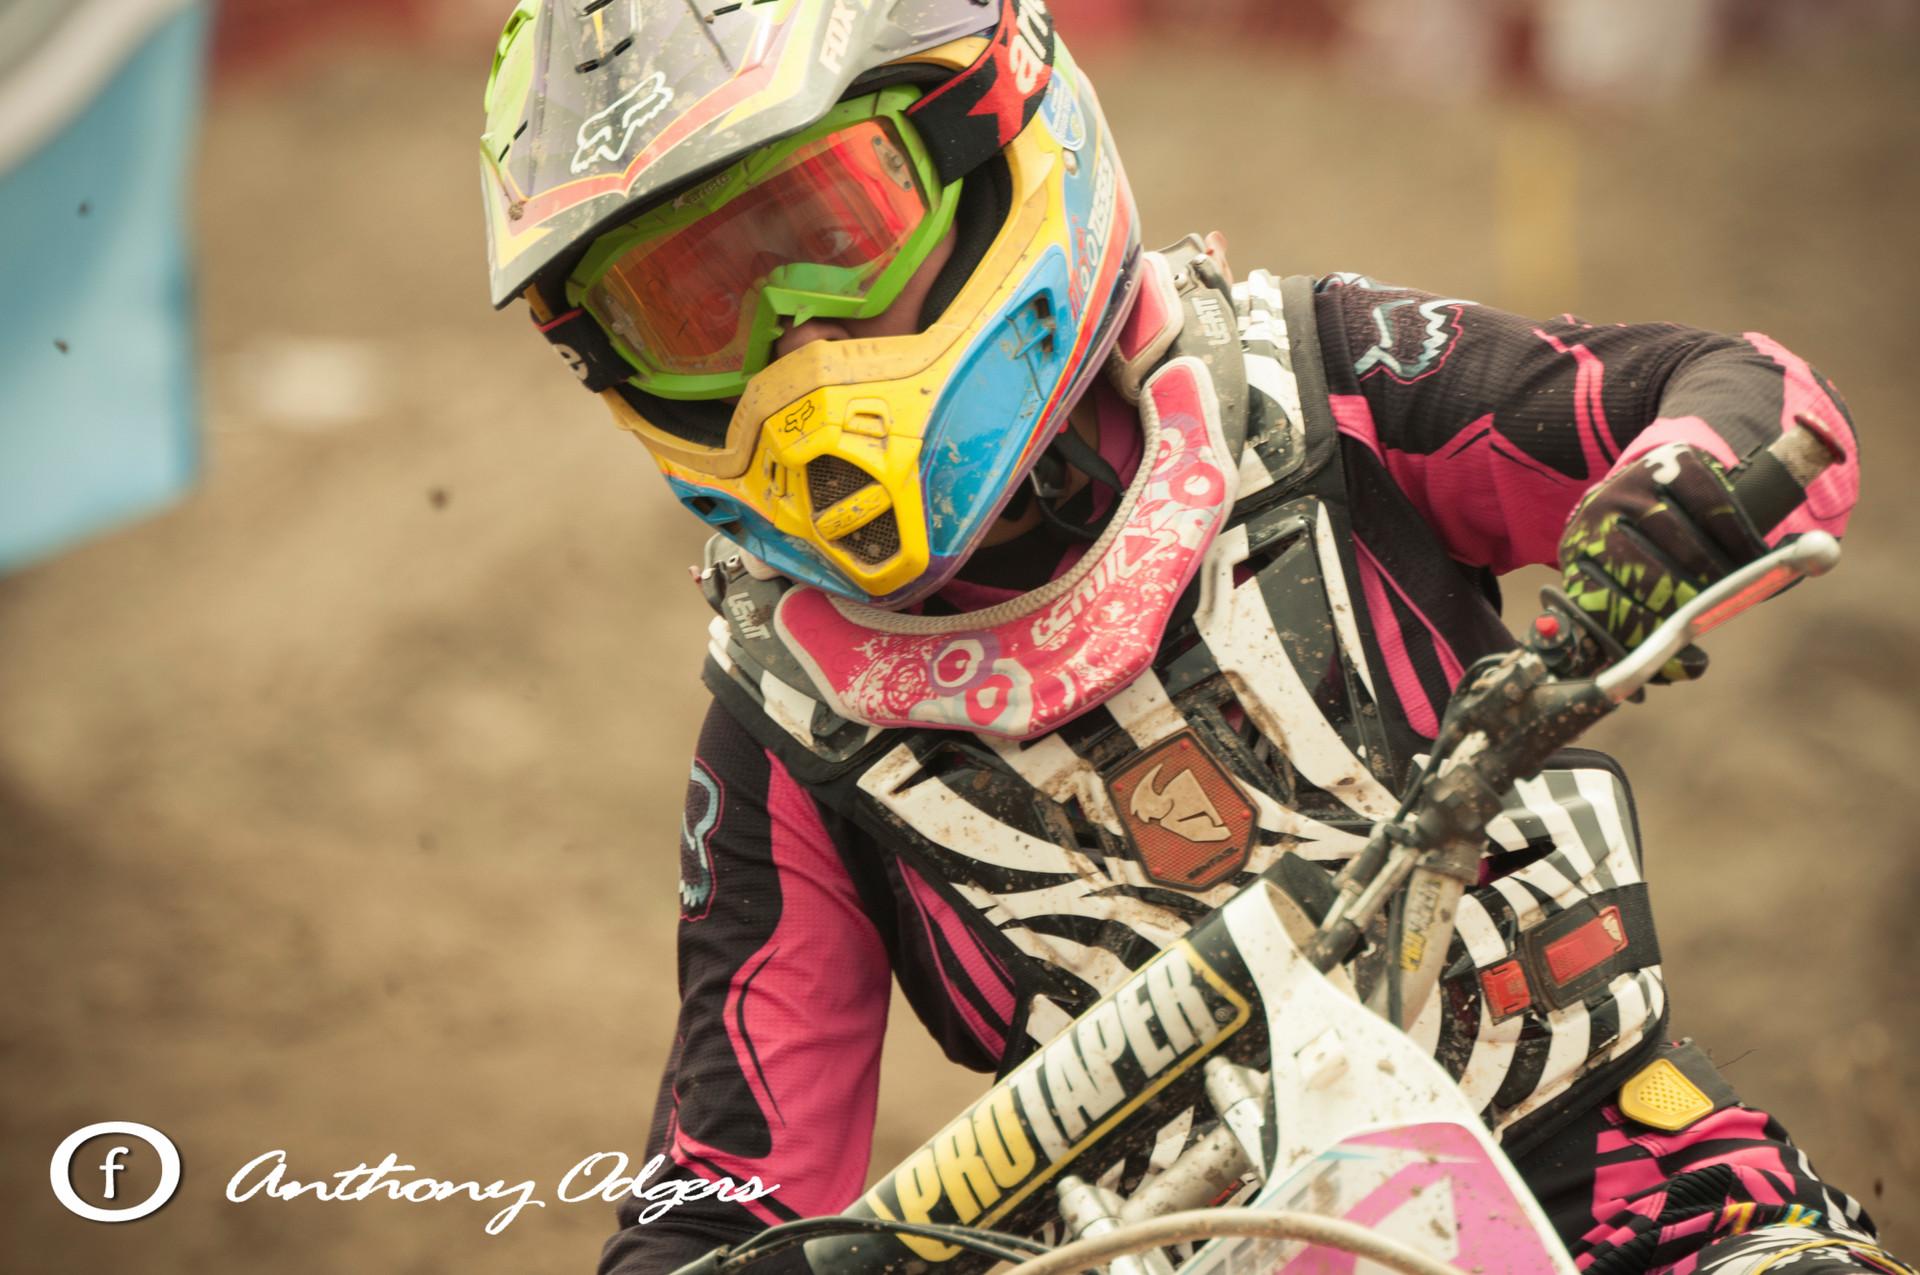 2013-01-06-Motocross Enduro.jpg